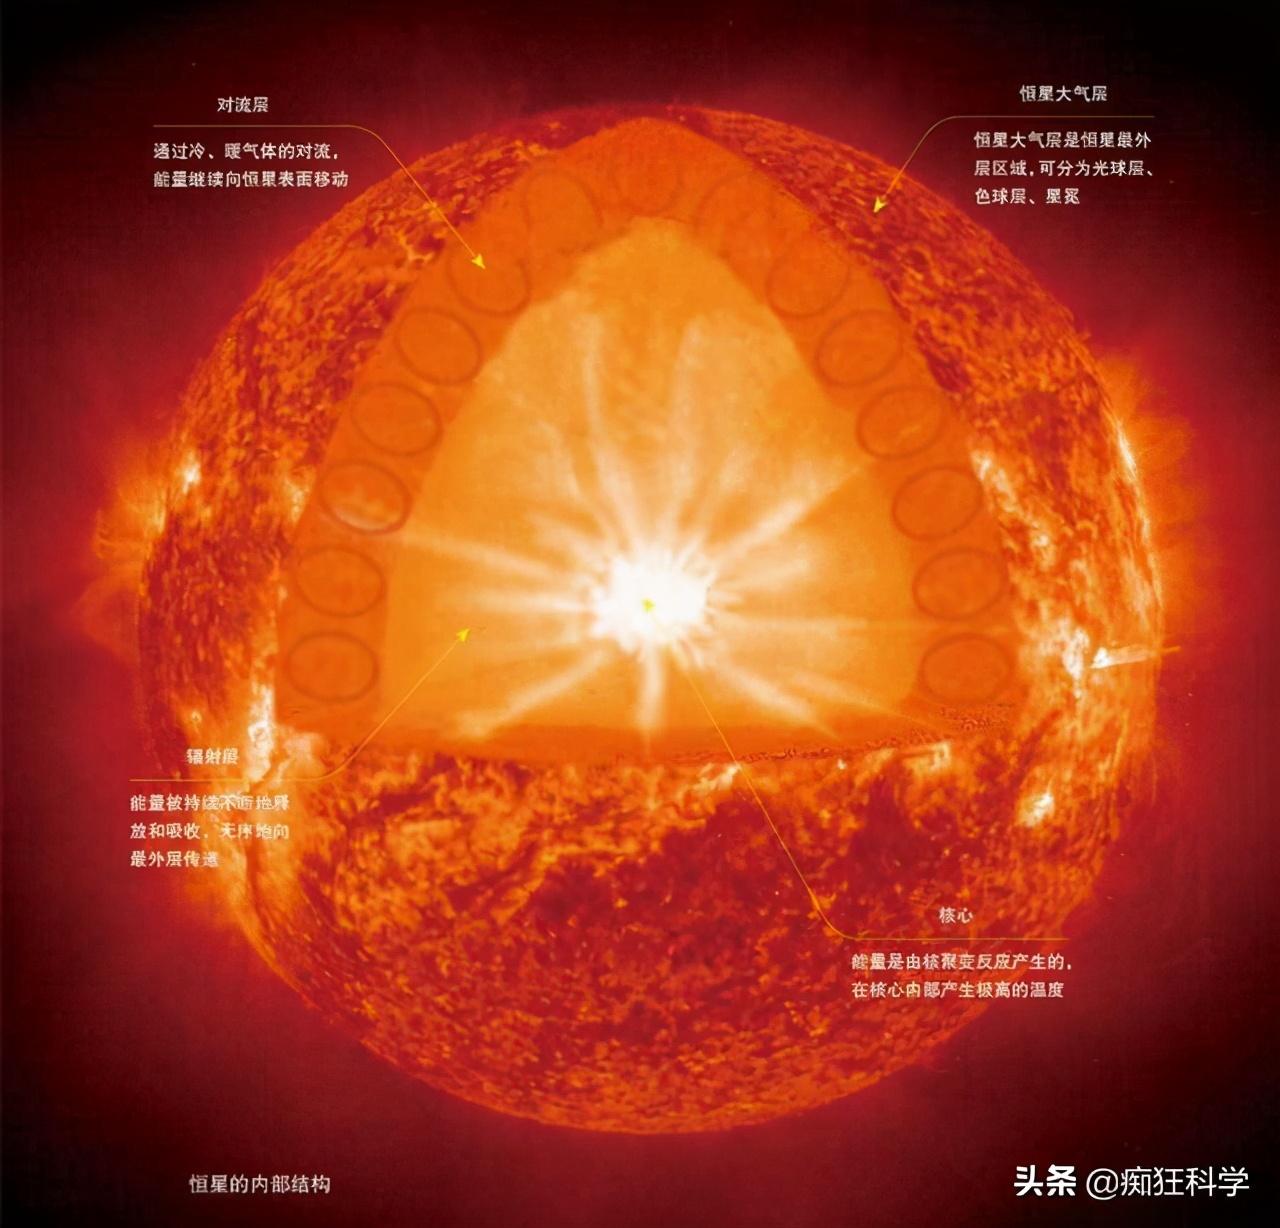 史蒂文森2-18刷新已知最大恒星纪录,能装下100亿颗太阳